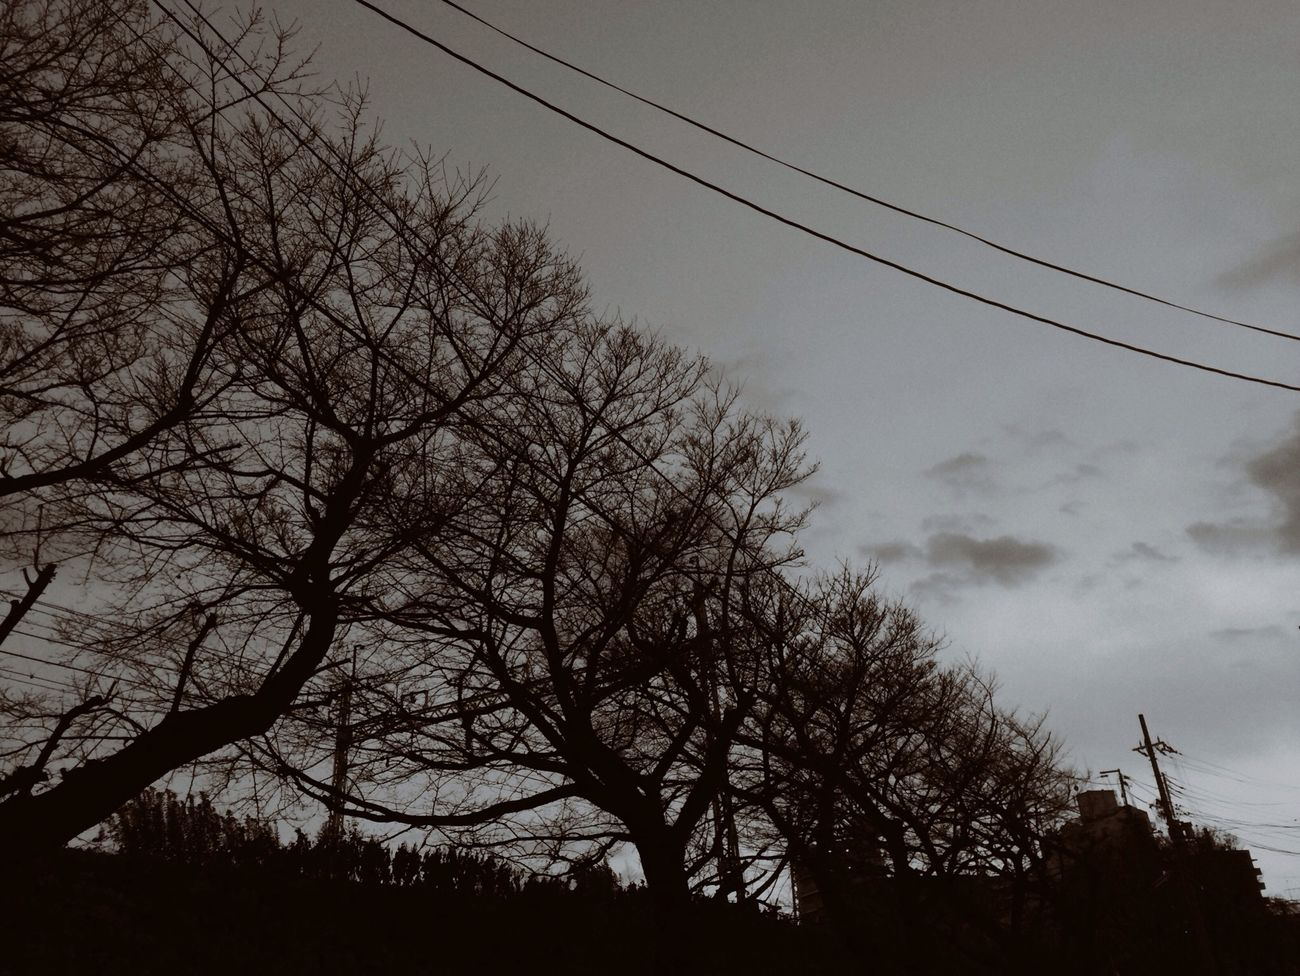 Monochrome 夕暮れどき